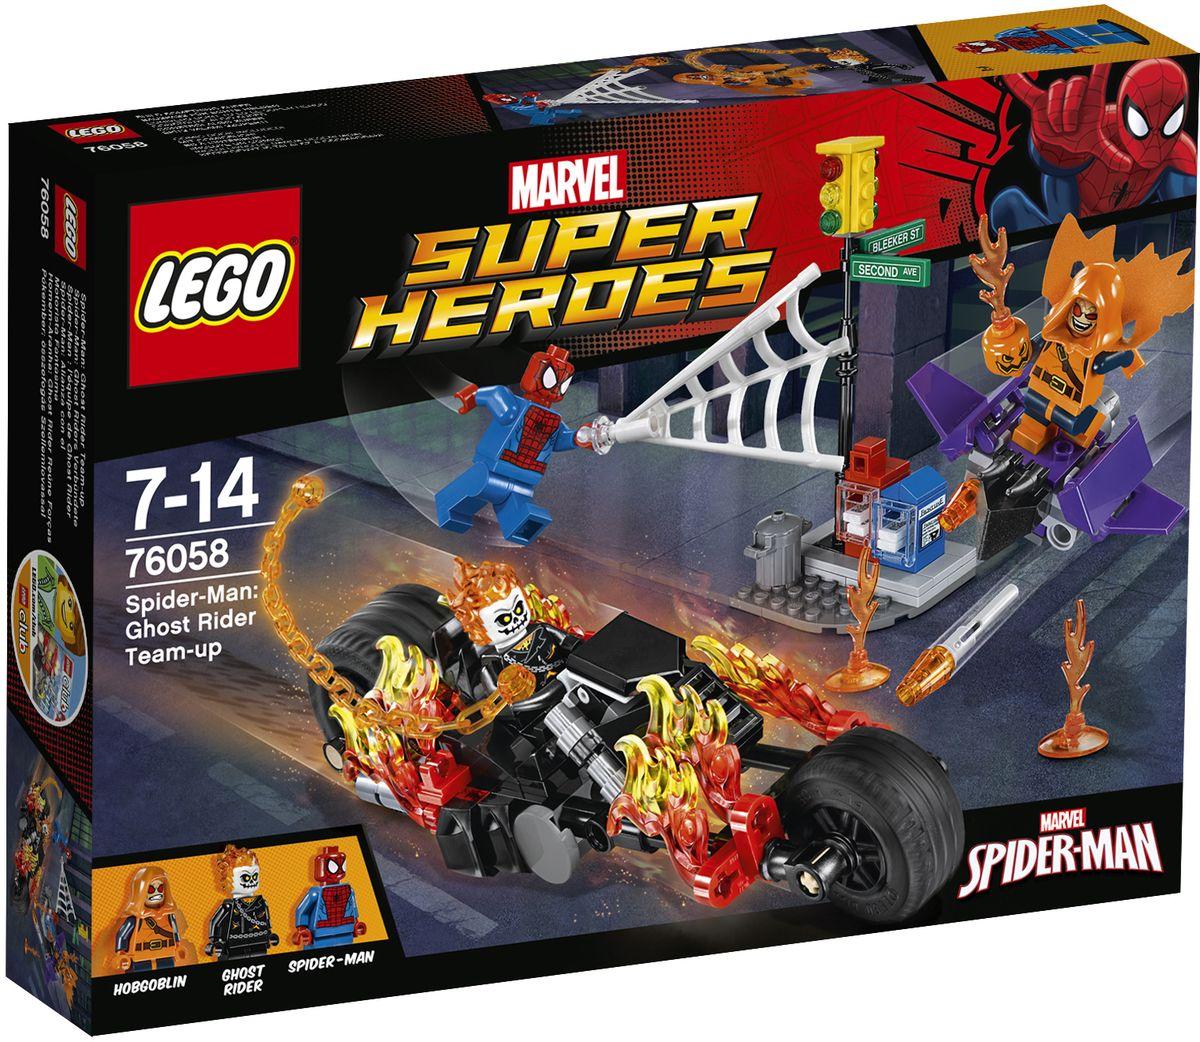 LEGO Super Heroes Конструктор Человек-паук Союз с Призрачным гонщиком 7605876058Хобгоблин вызывает хаос в городе своим гоблин-глайдером и пламенной тыквенной бомбой, так что отправляйте Человека-паука и Призрачного гонщика в бой на улице! Оседлайте байк Призрачного гонщика на полном ходу и используйте его огненную цепь, чтобы остановить демона. Затем сбросьте Хобгоблина с верхушки светофора с помощью суперджампера Человека-паука! Набор включает в себя 217 разноцветных пластиковых элементов. Конструктор - это один из самых увлекательных и веселых способов времяпрепровождения. Ребенок сможет часами играть с конструктором, придумывая различные ситуации и истории.